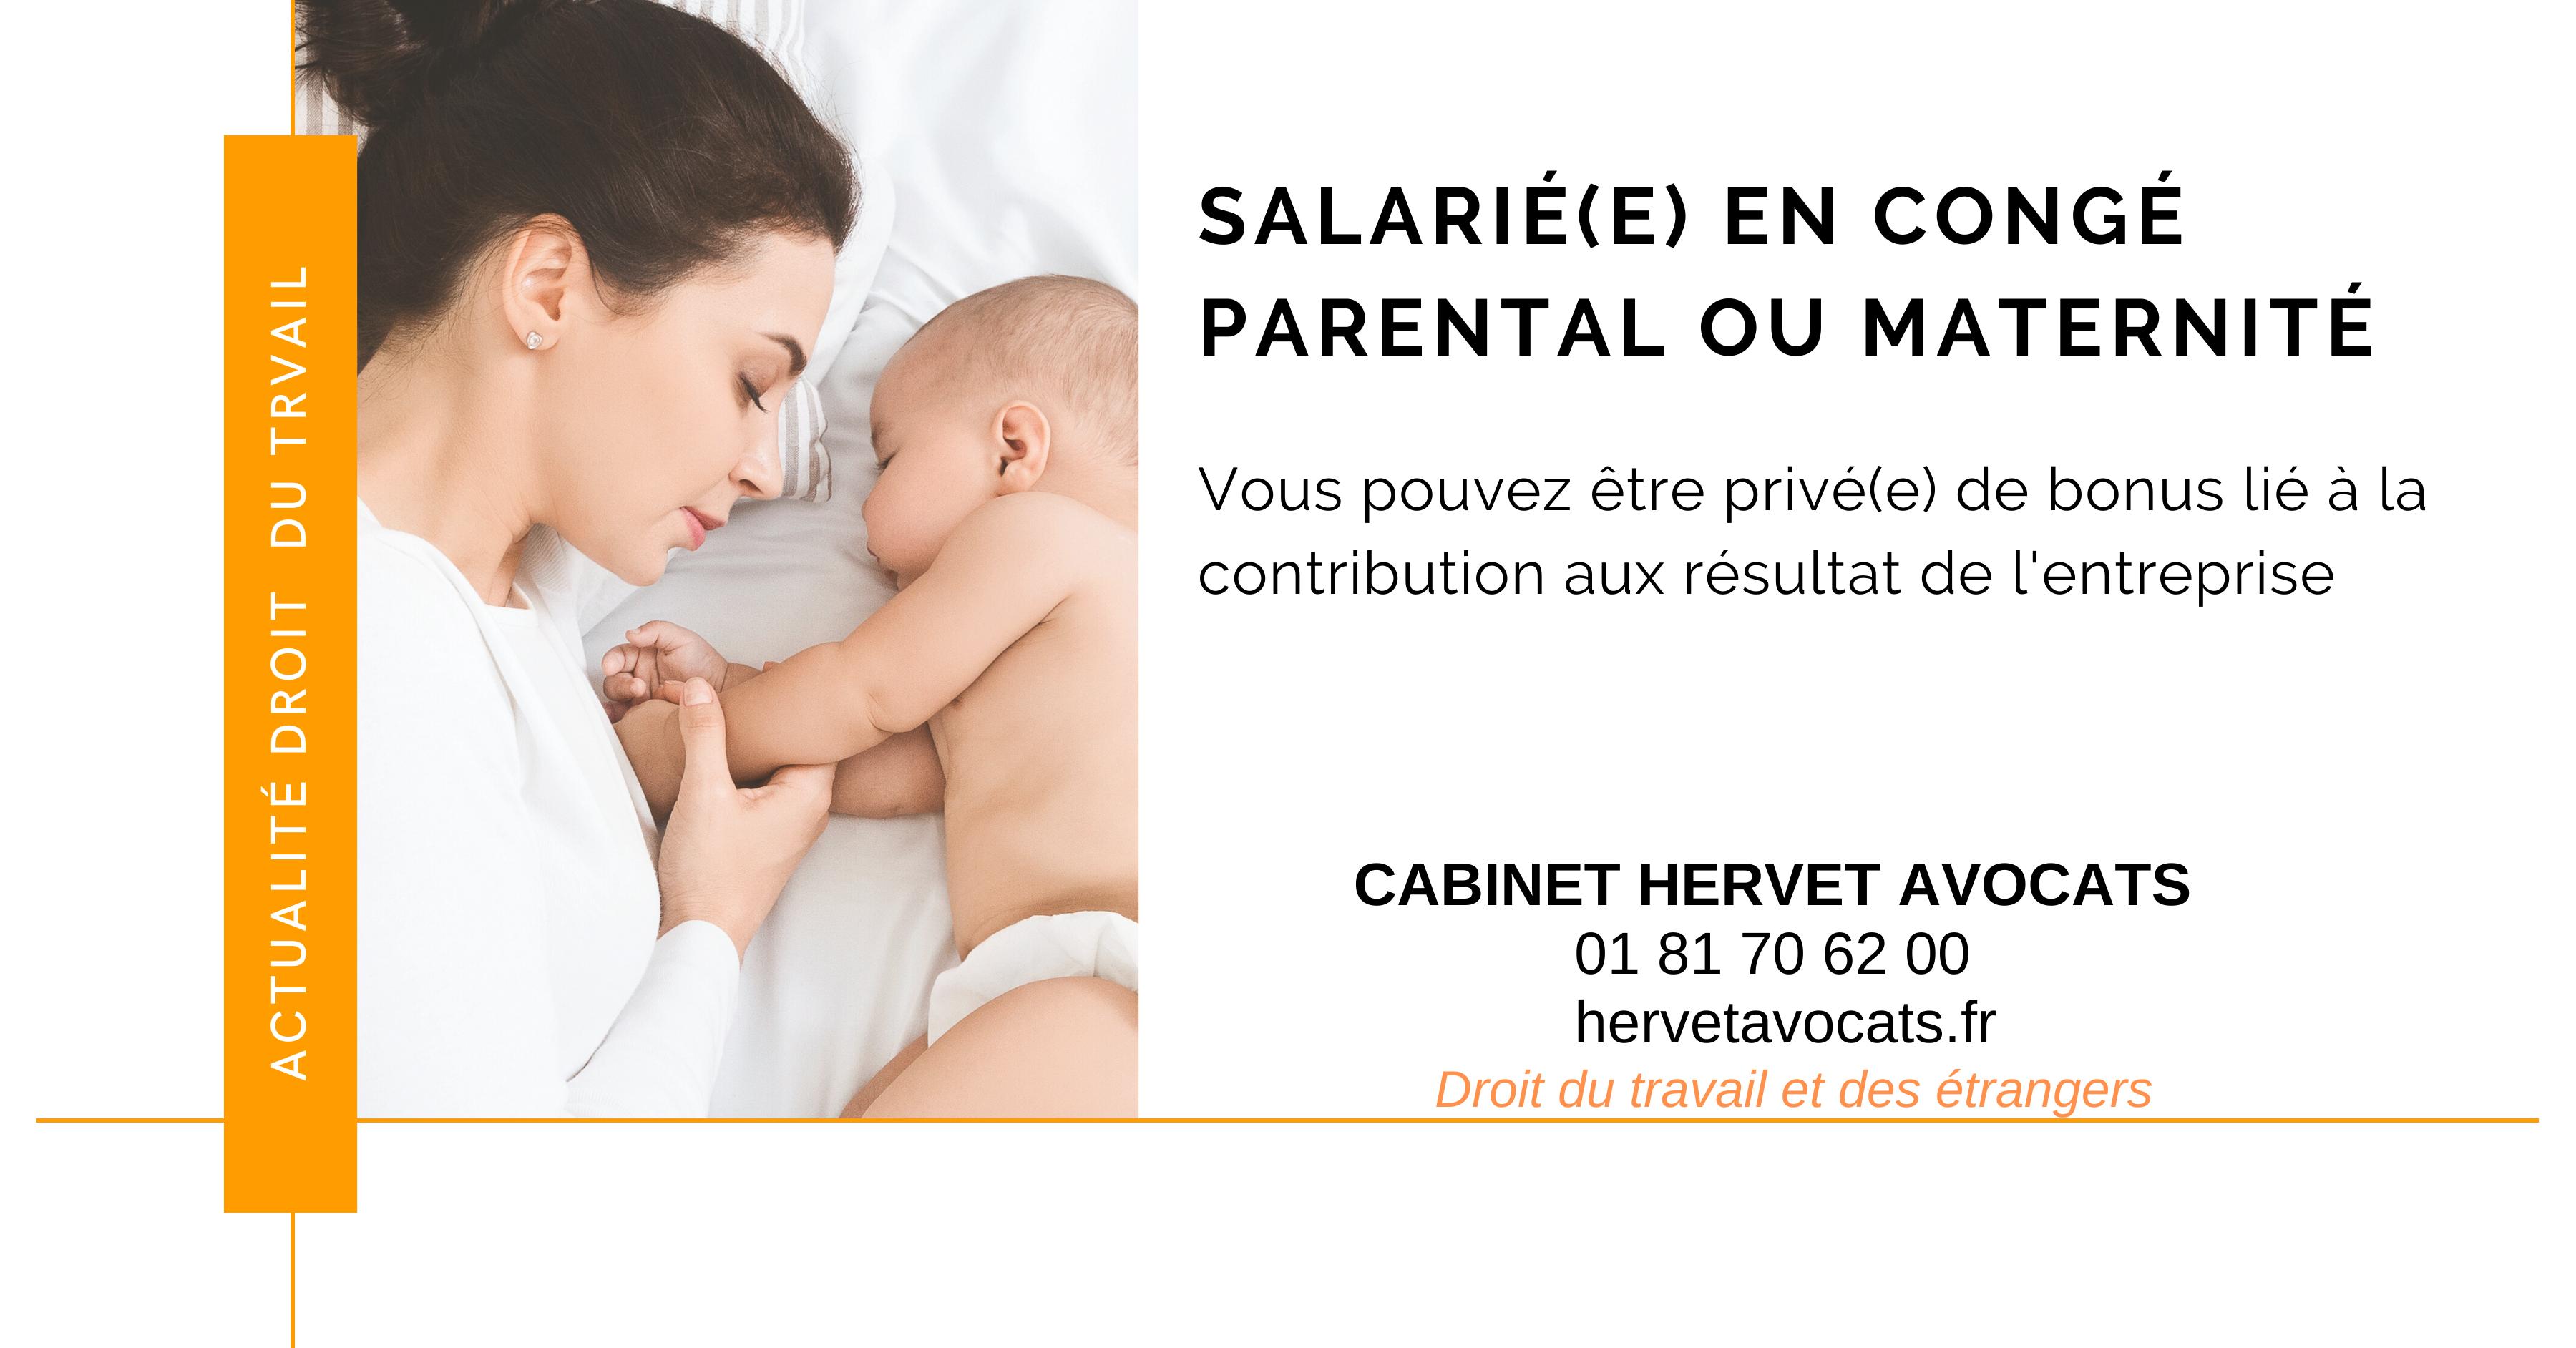 Pas de bonus lié à la contribution aux résultats de l'entreprise pour les salariés en congé maternité et en congé parental